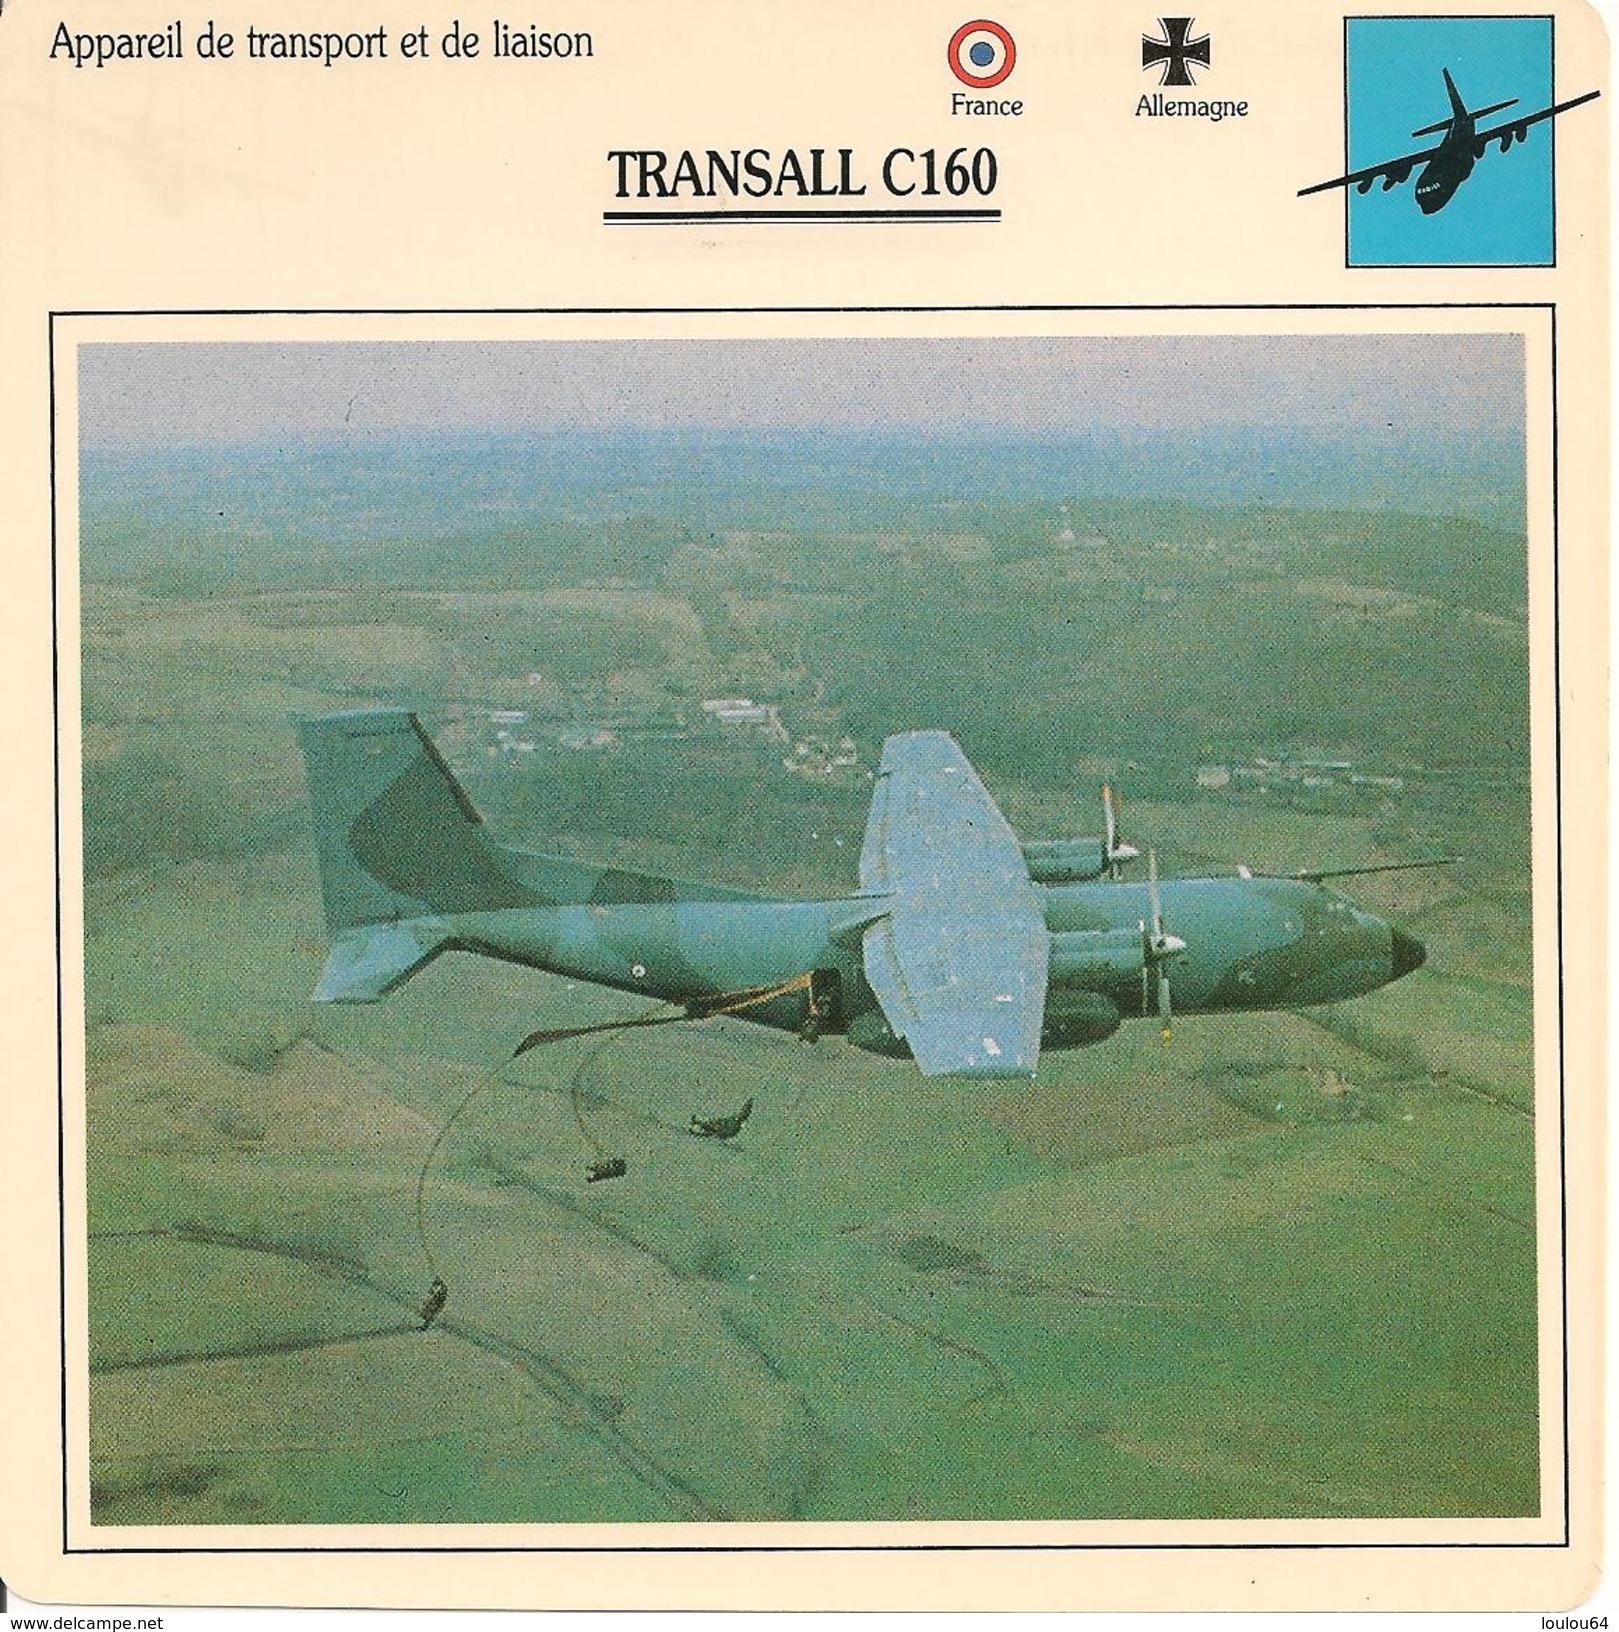 Fiches Illustrées - Caractéristiques Avions - Appareil De Transport Et D'appui - TRANSALL C160 - FRANCE-ALLEMAGNE - (44) - Aviation